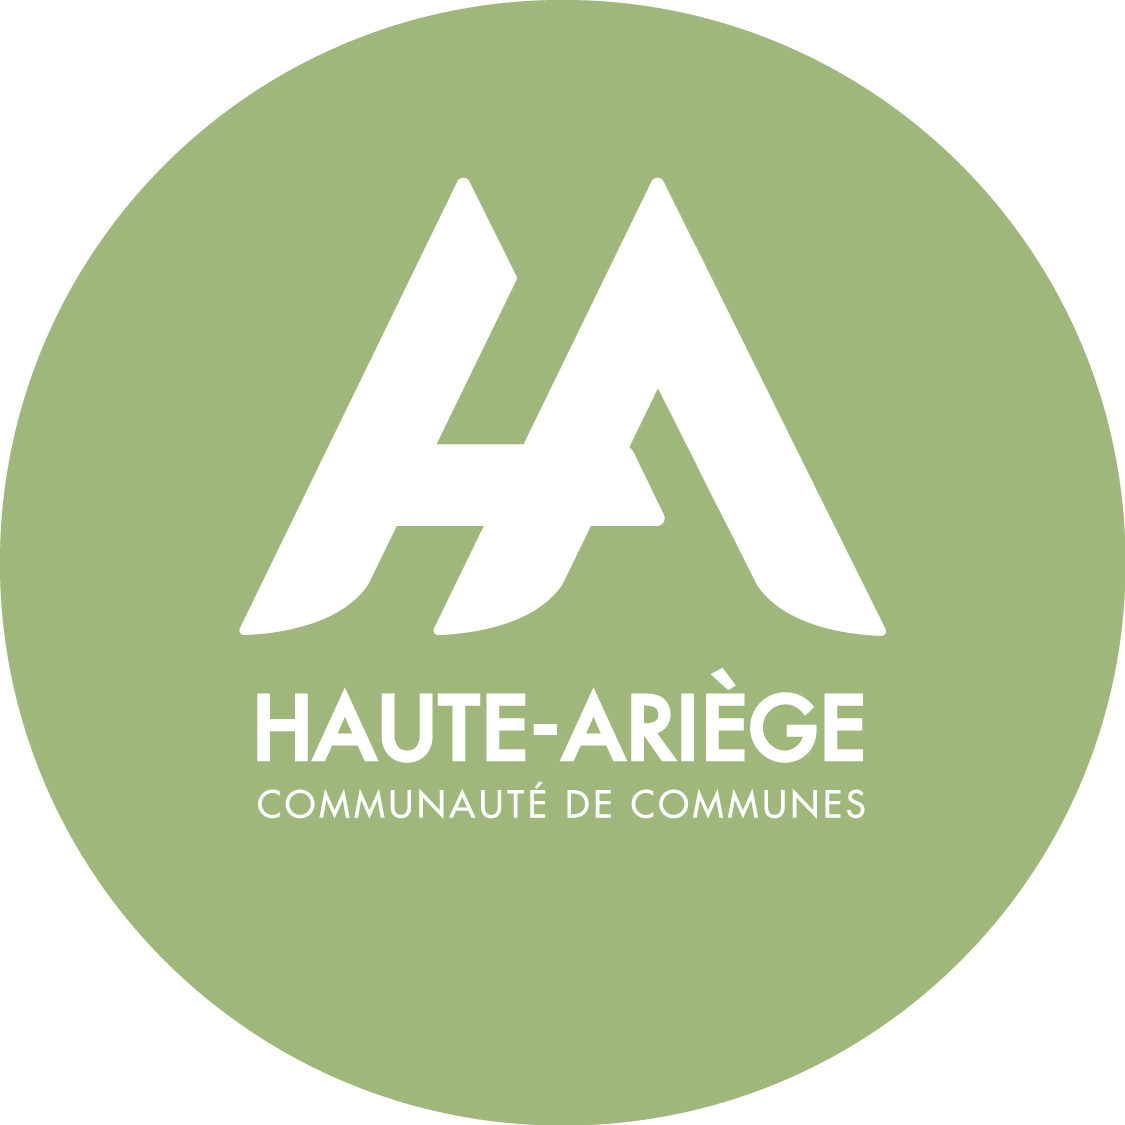 DSP ou gestion (marché public de service) - Communauté de communes de la Haute Ariège